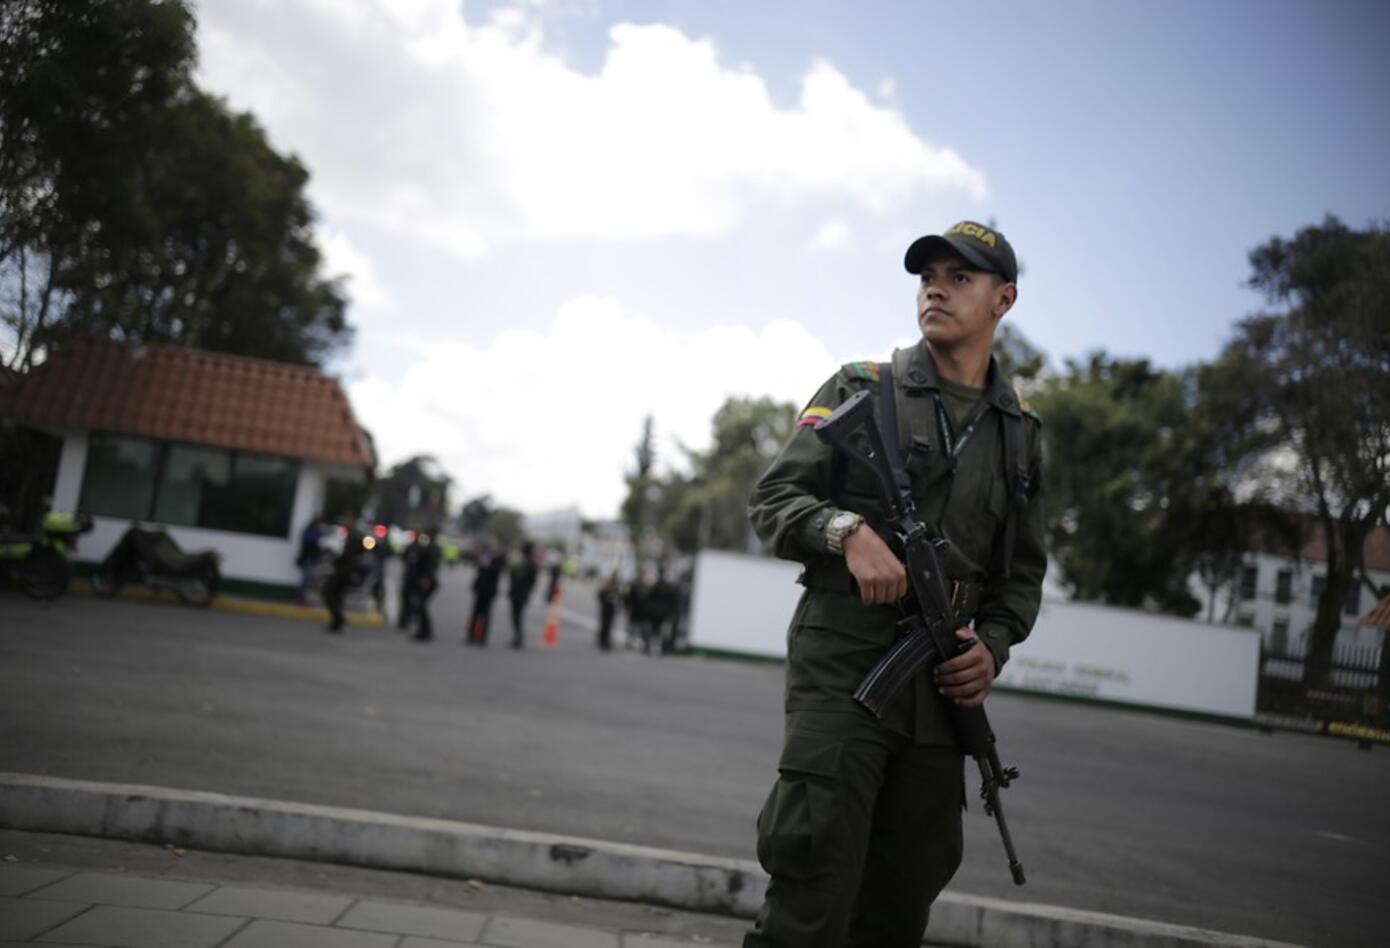 Luego del atentado aumentaron las medidas de seguridad en la Escuela General Santander.